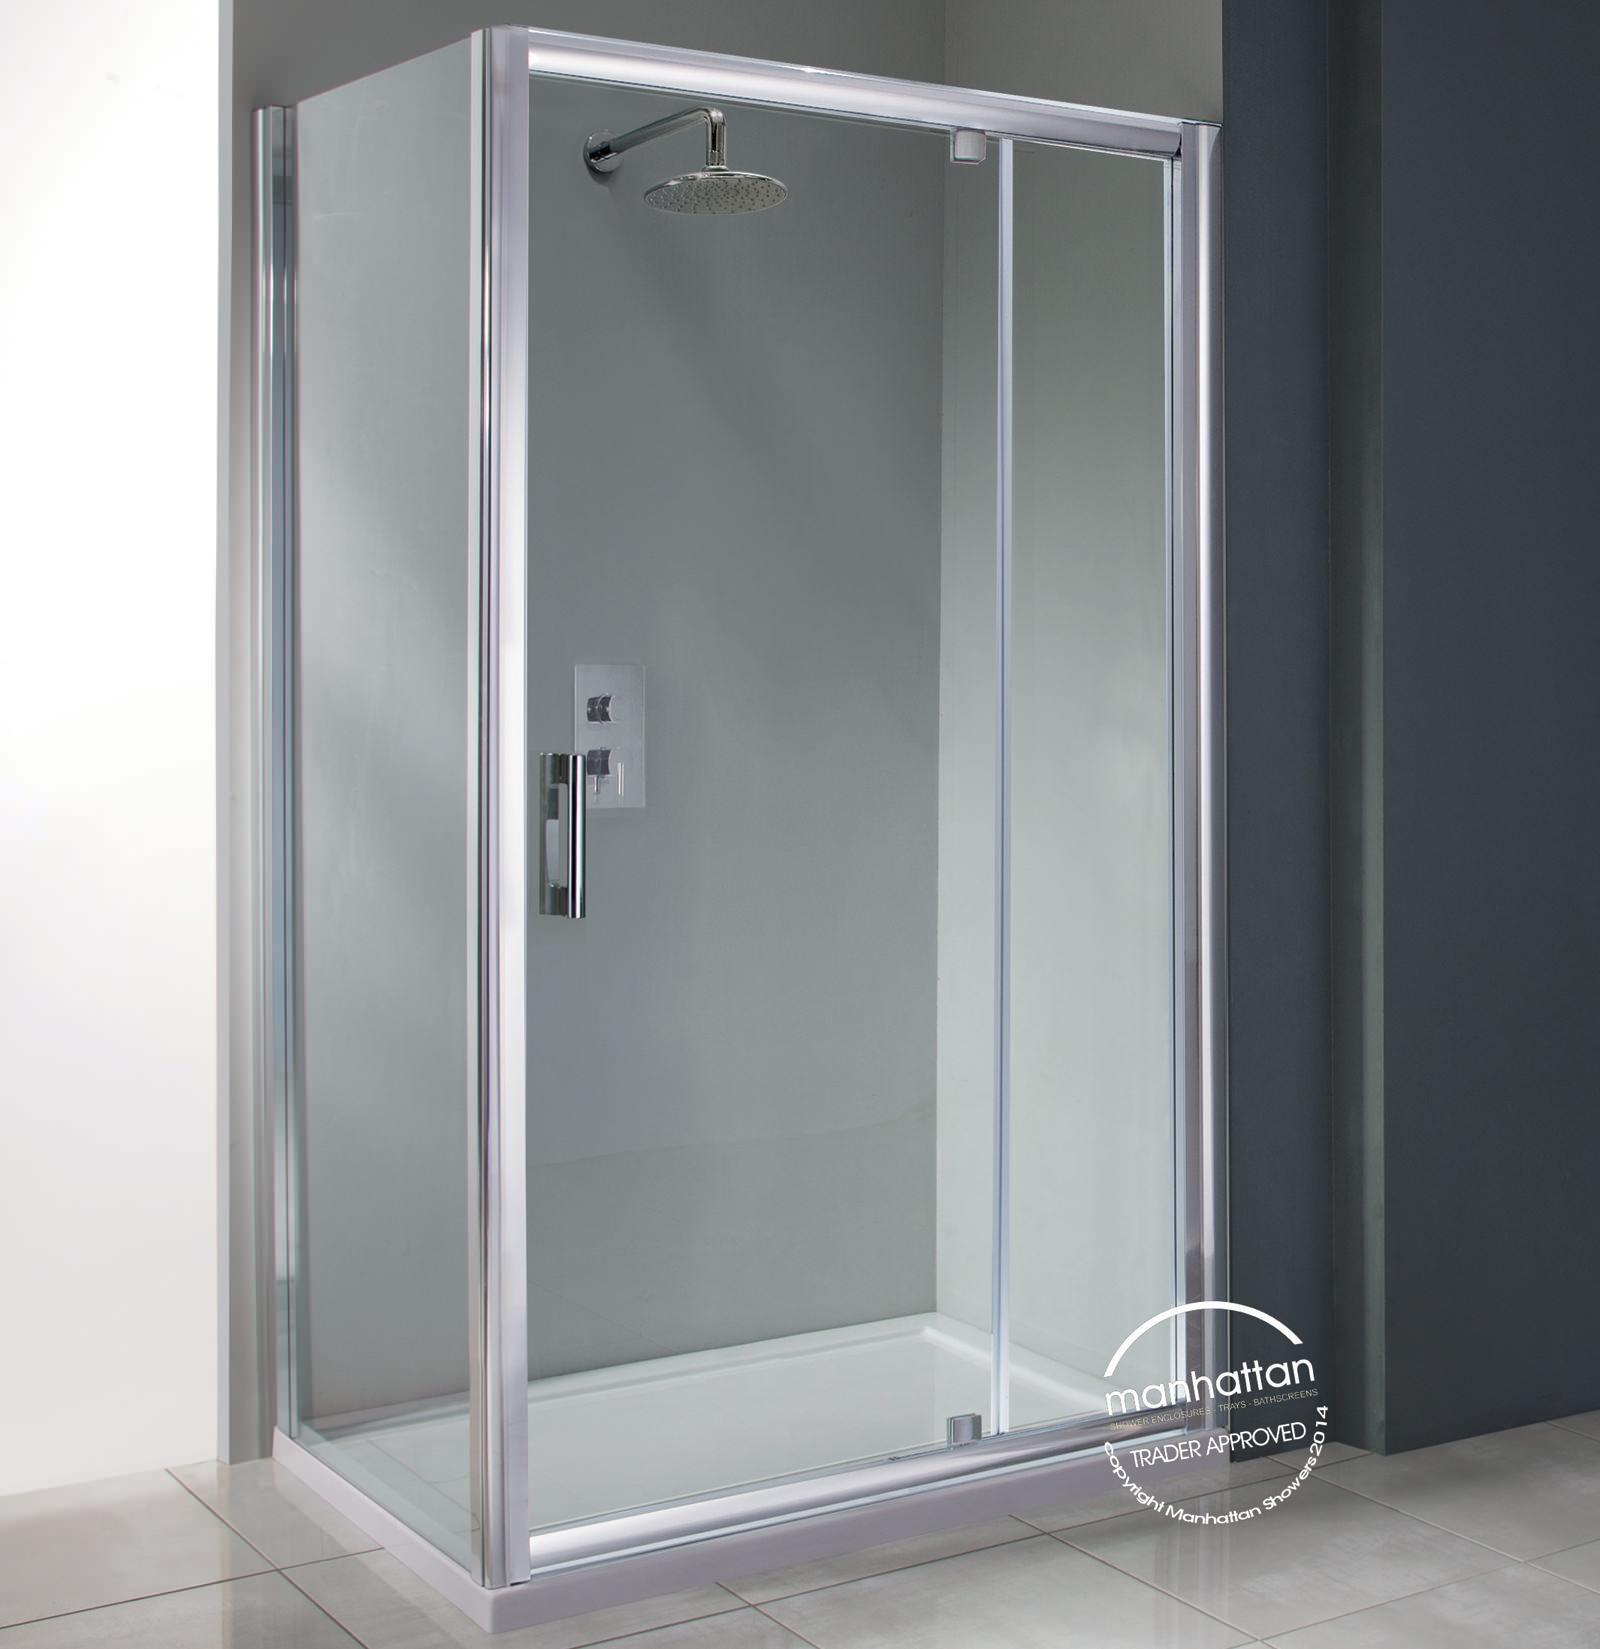 Manhattan 6 pivot shower door 1200mm for 1200mm shower door